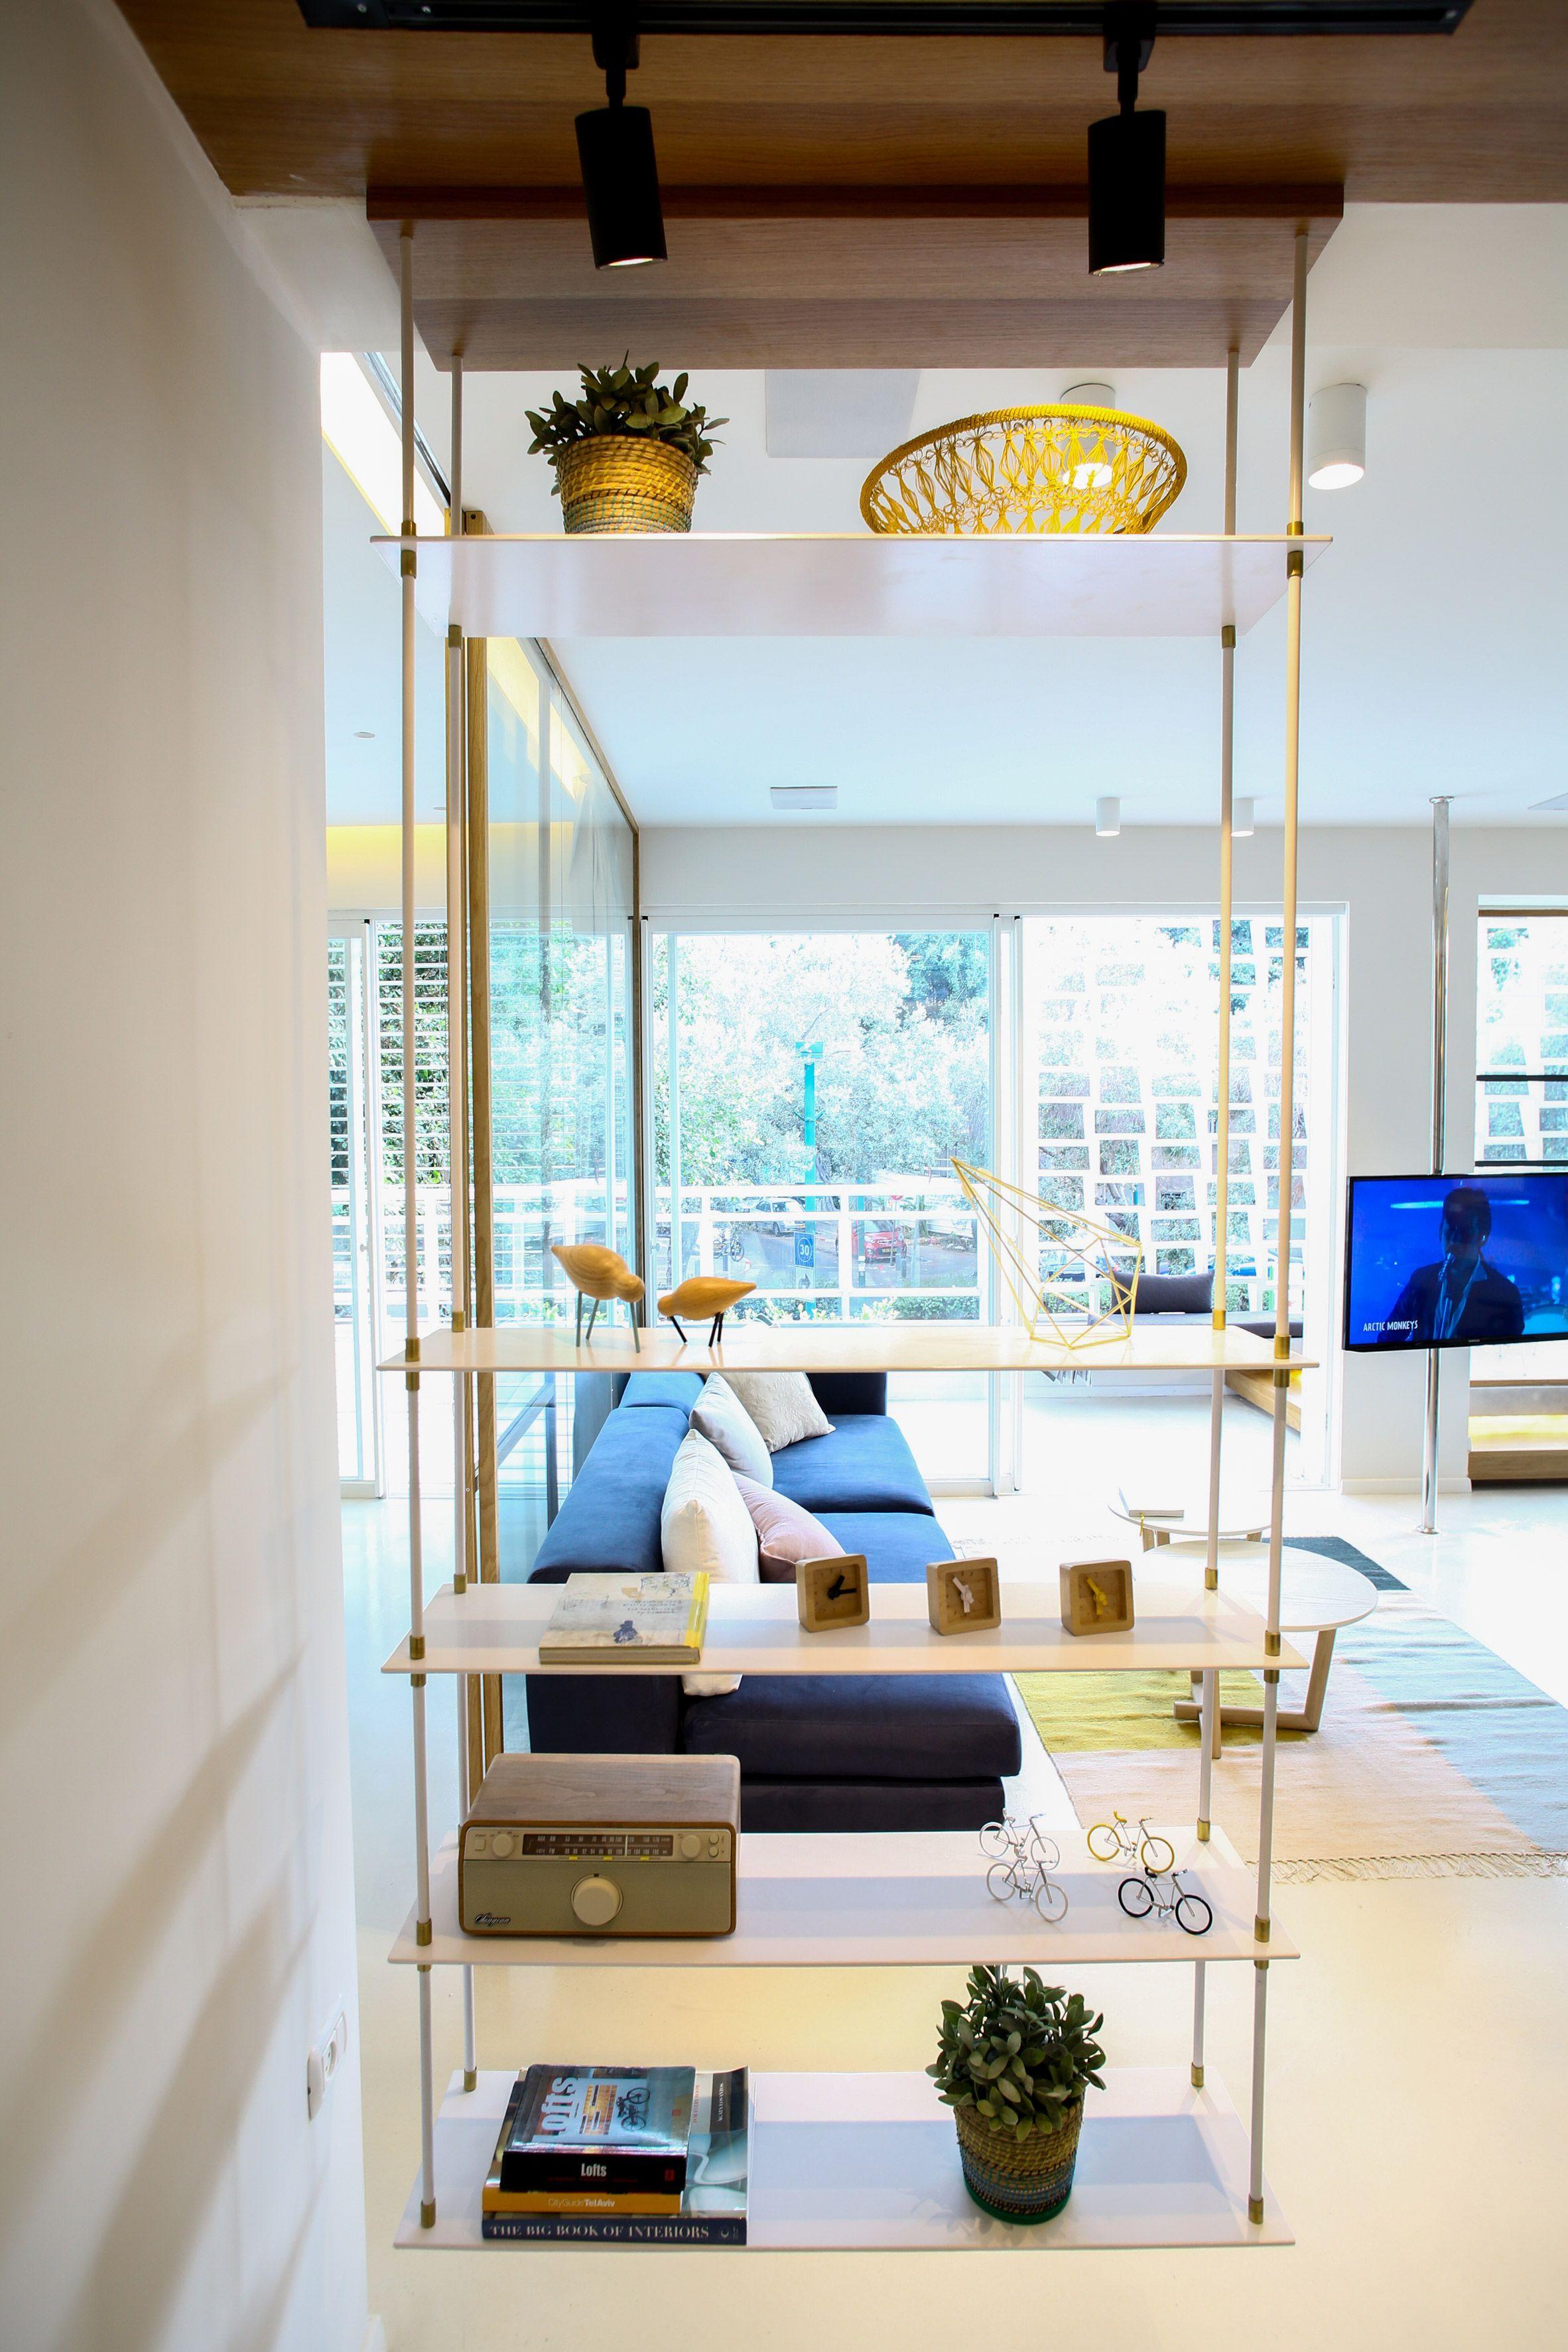 Weisel apartment in tel aviv by dori interior design separadores de ambiente separador ambientes